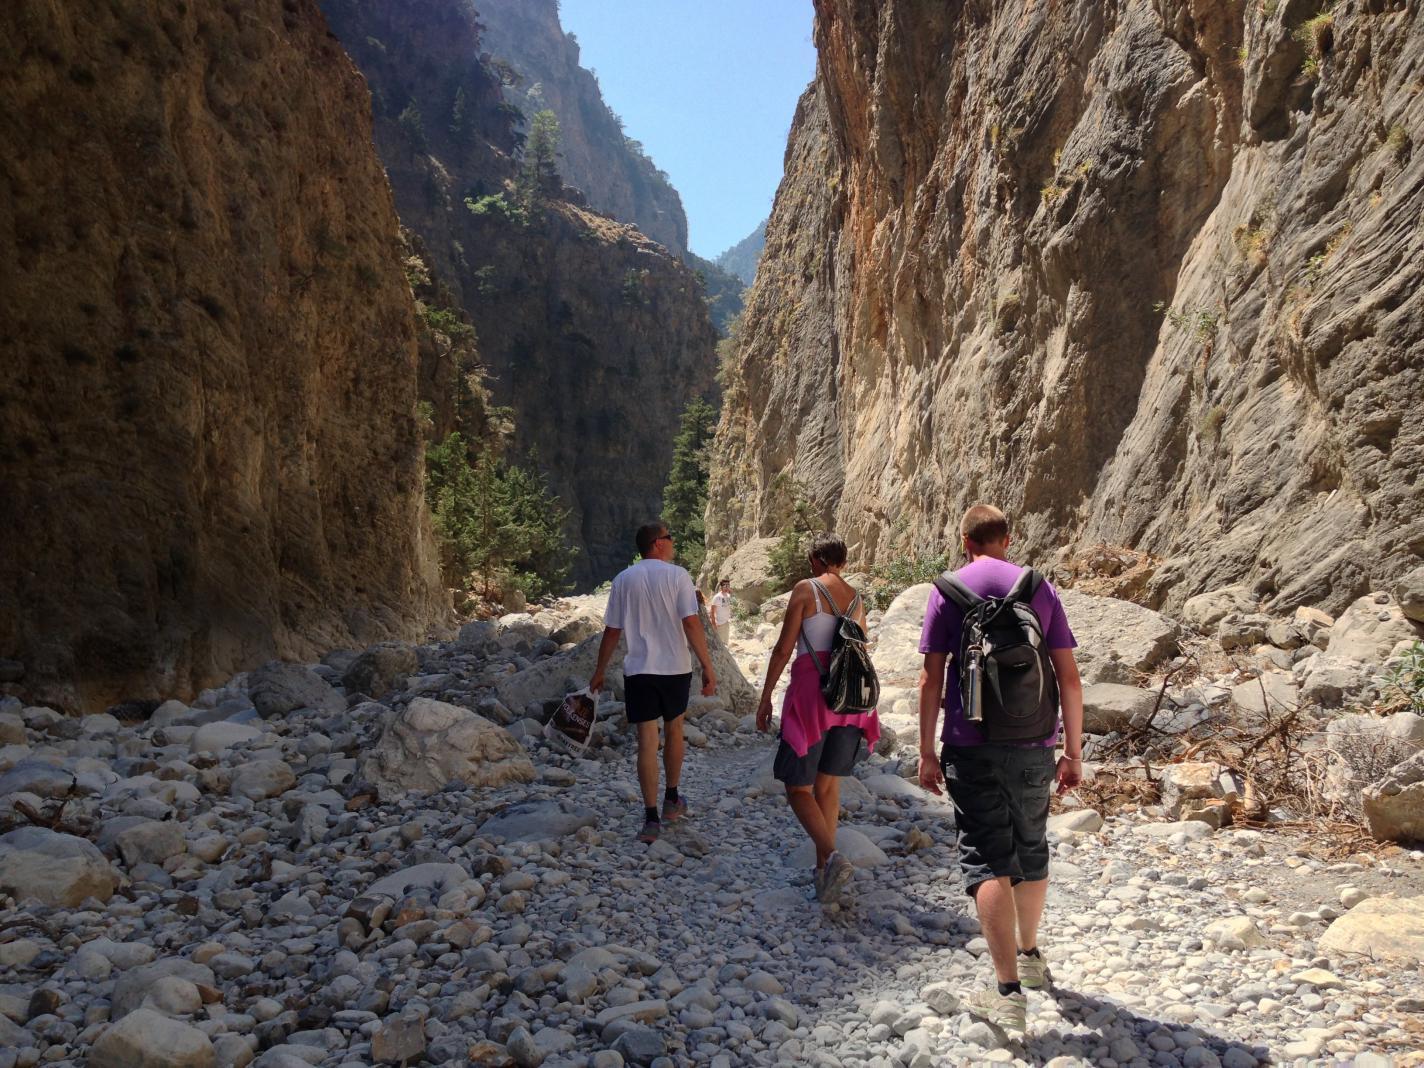 Tourists walking in Samarias gorge